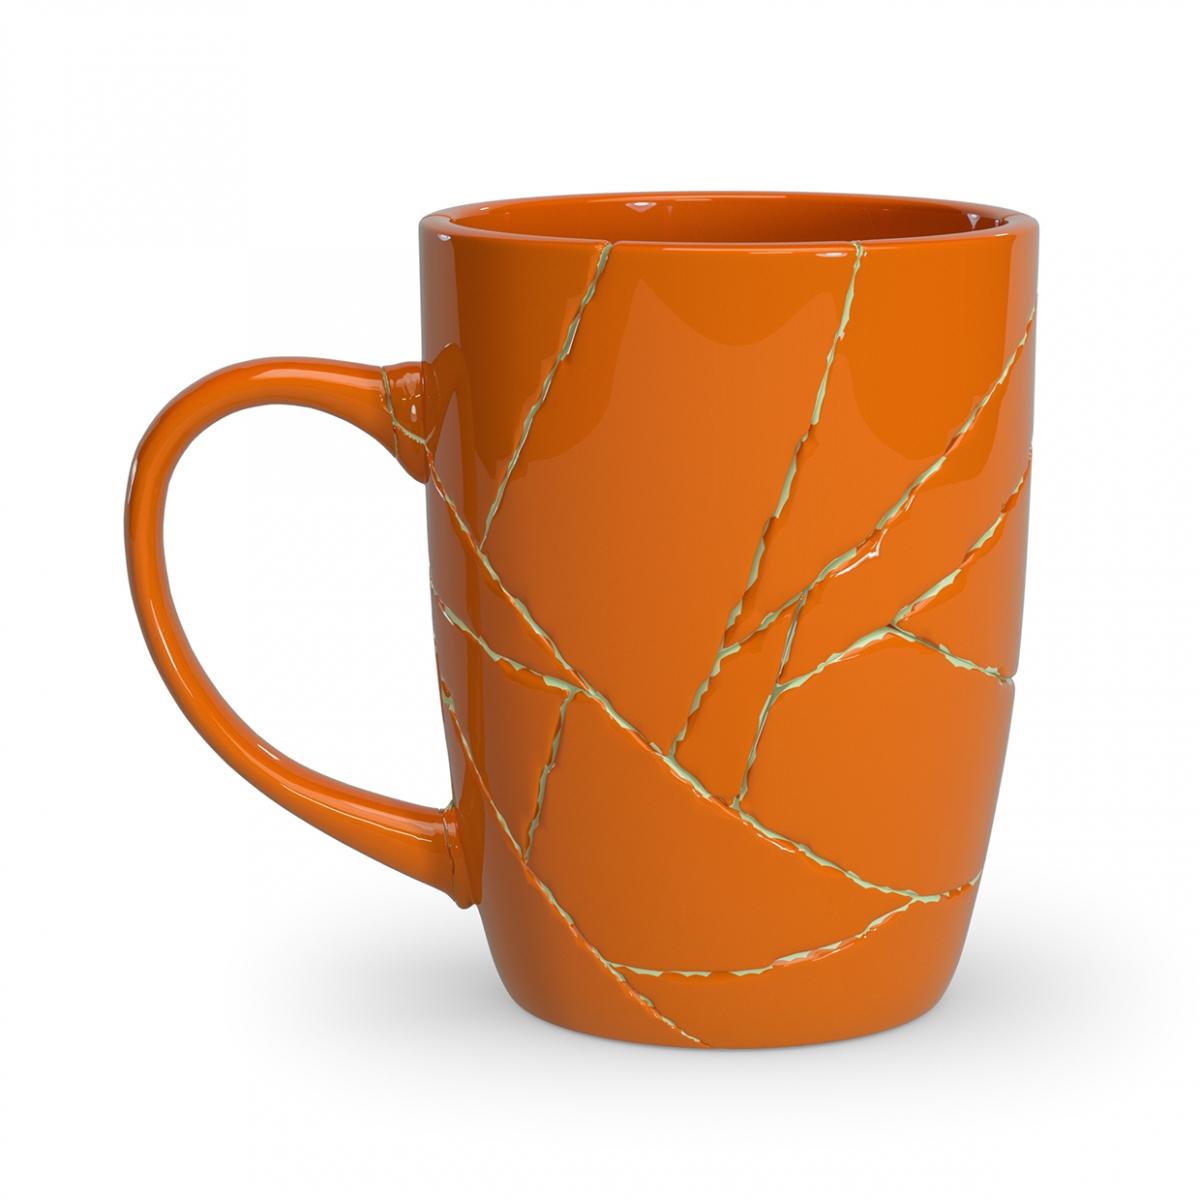 Imagen en la que se ve una taza arreglada